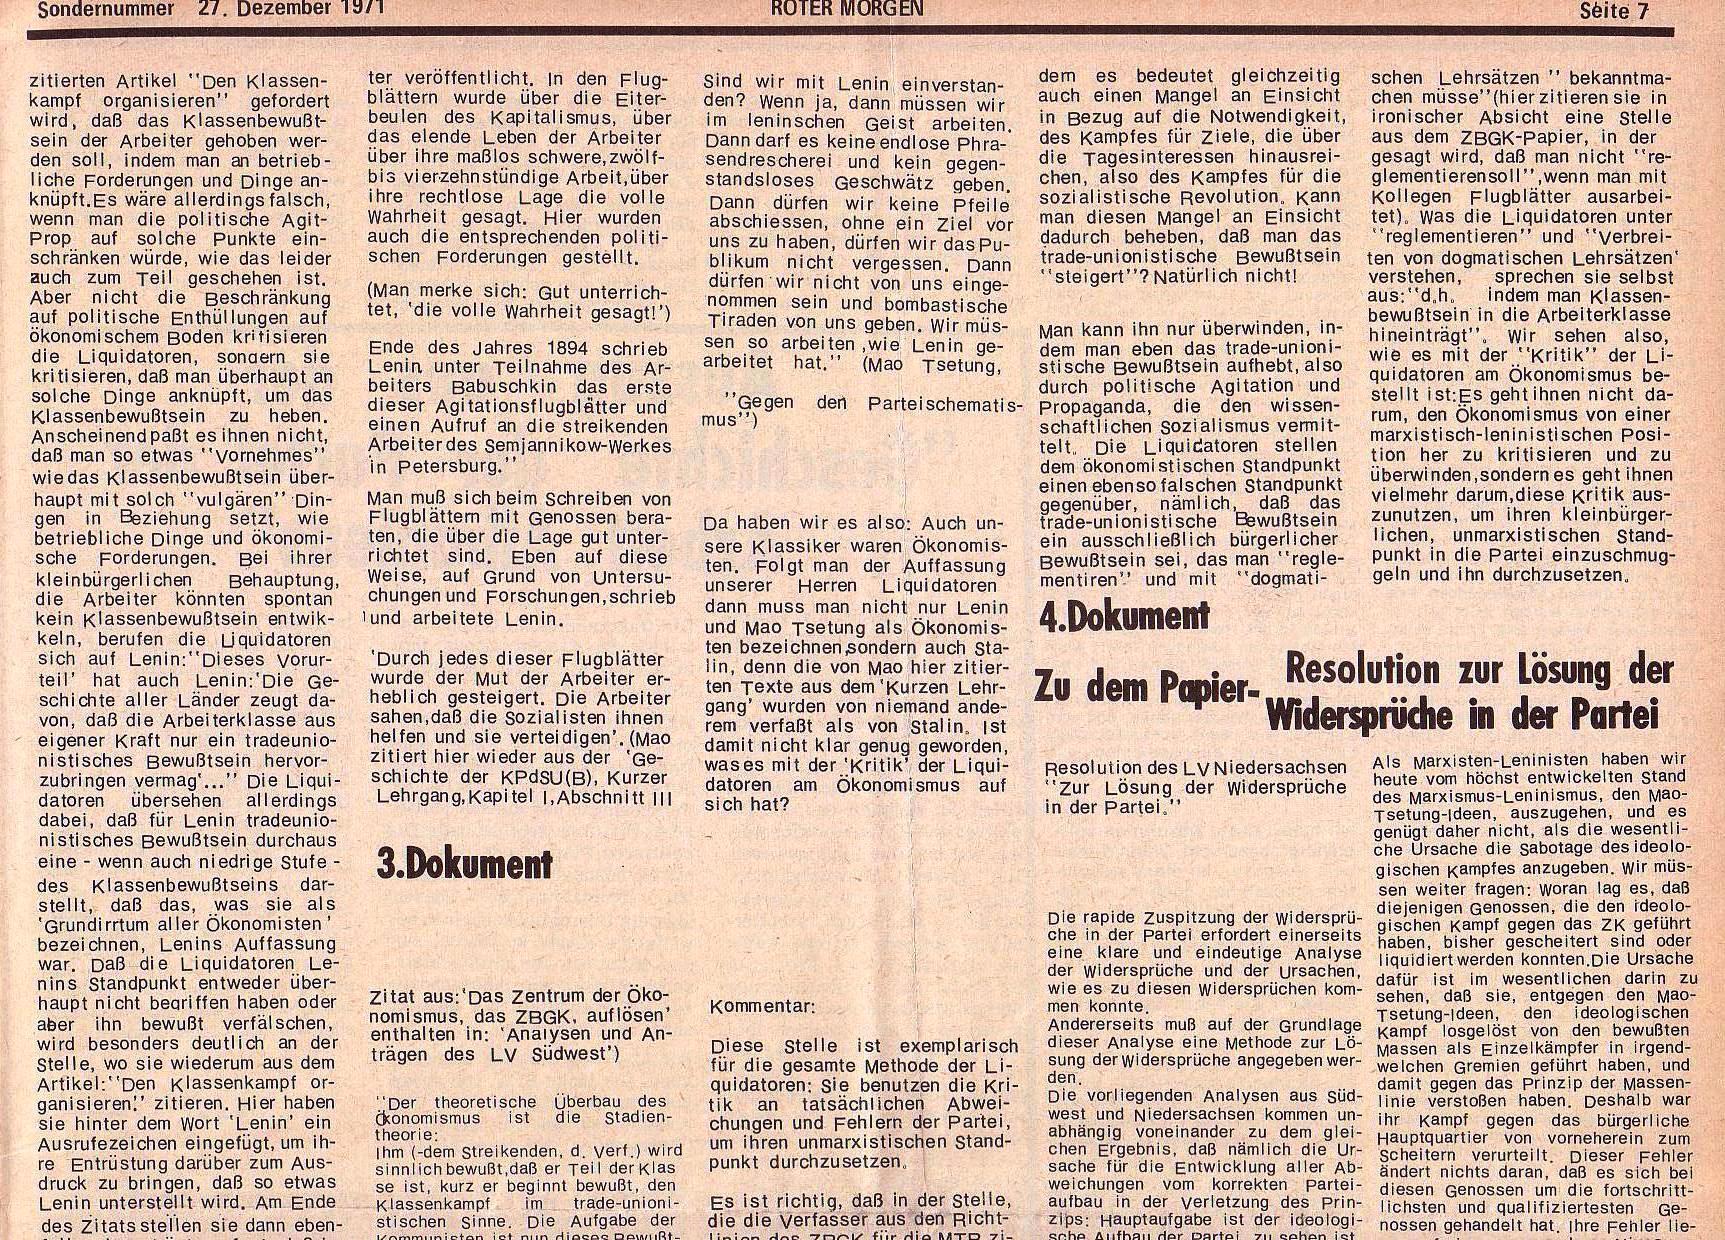 RM_1971_17_Sondernummer_13